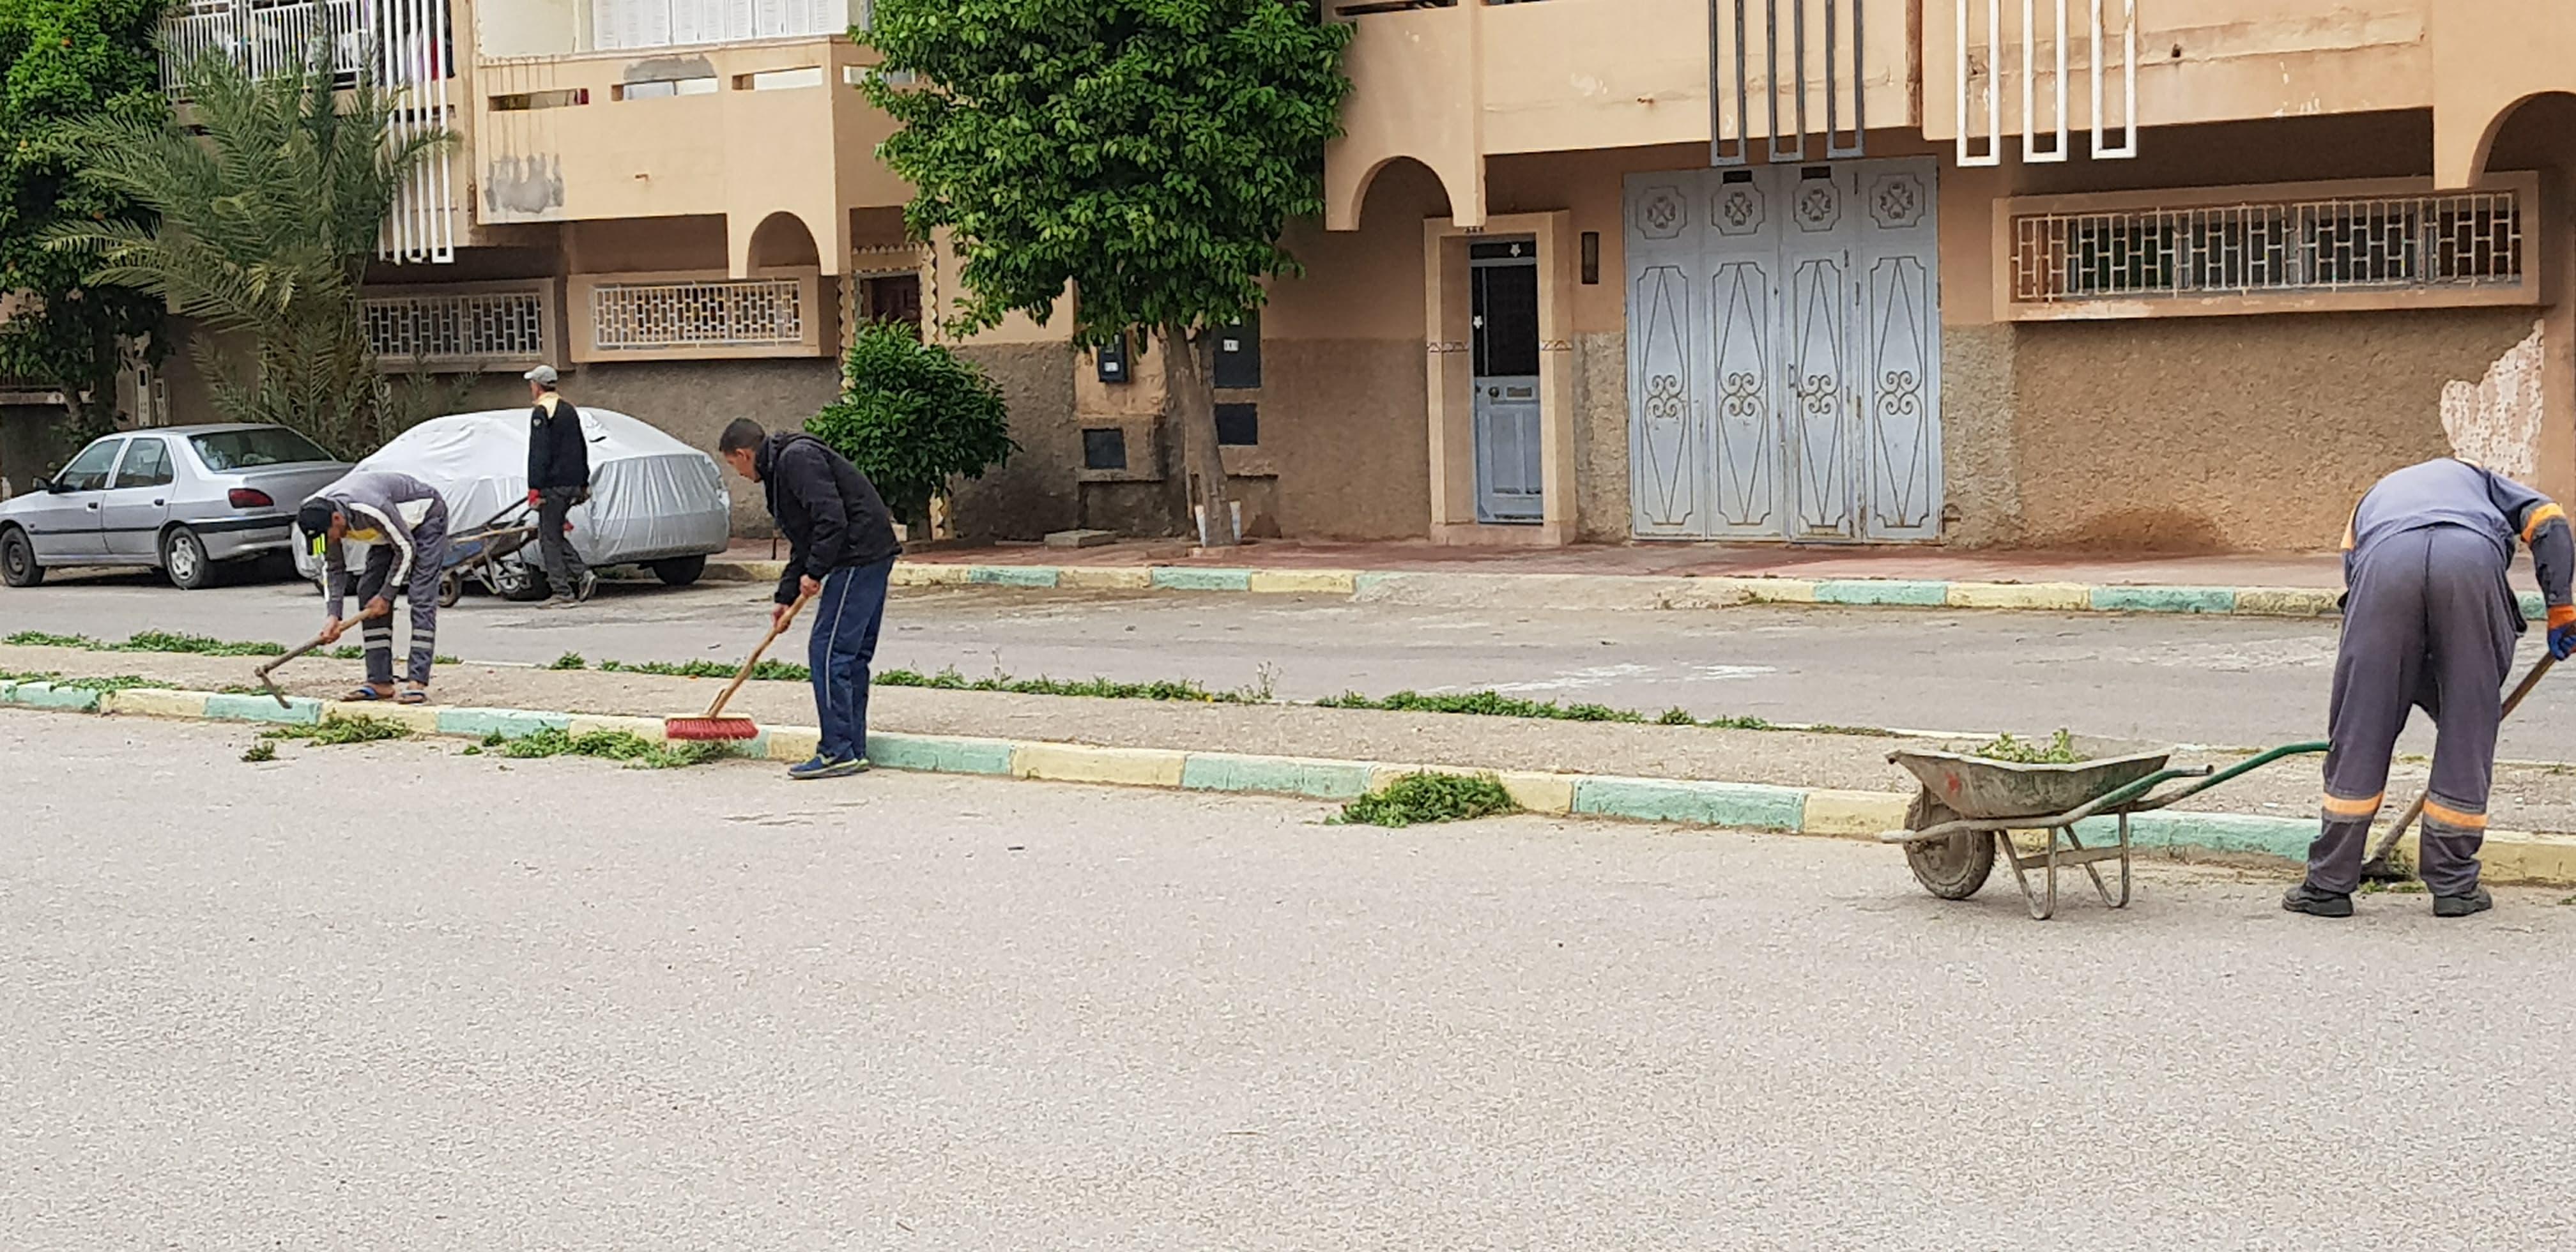 بالصور: حملة نظافة و مشروع مبادرة أفكار الشباب بحي ودادية الموظفين